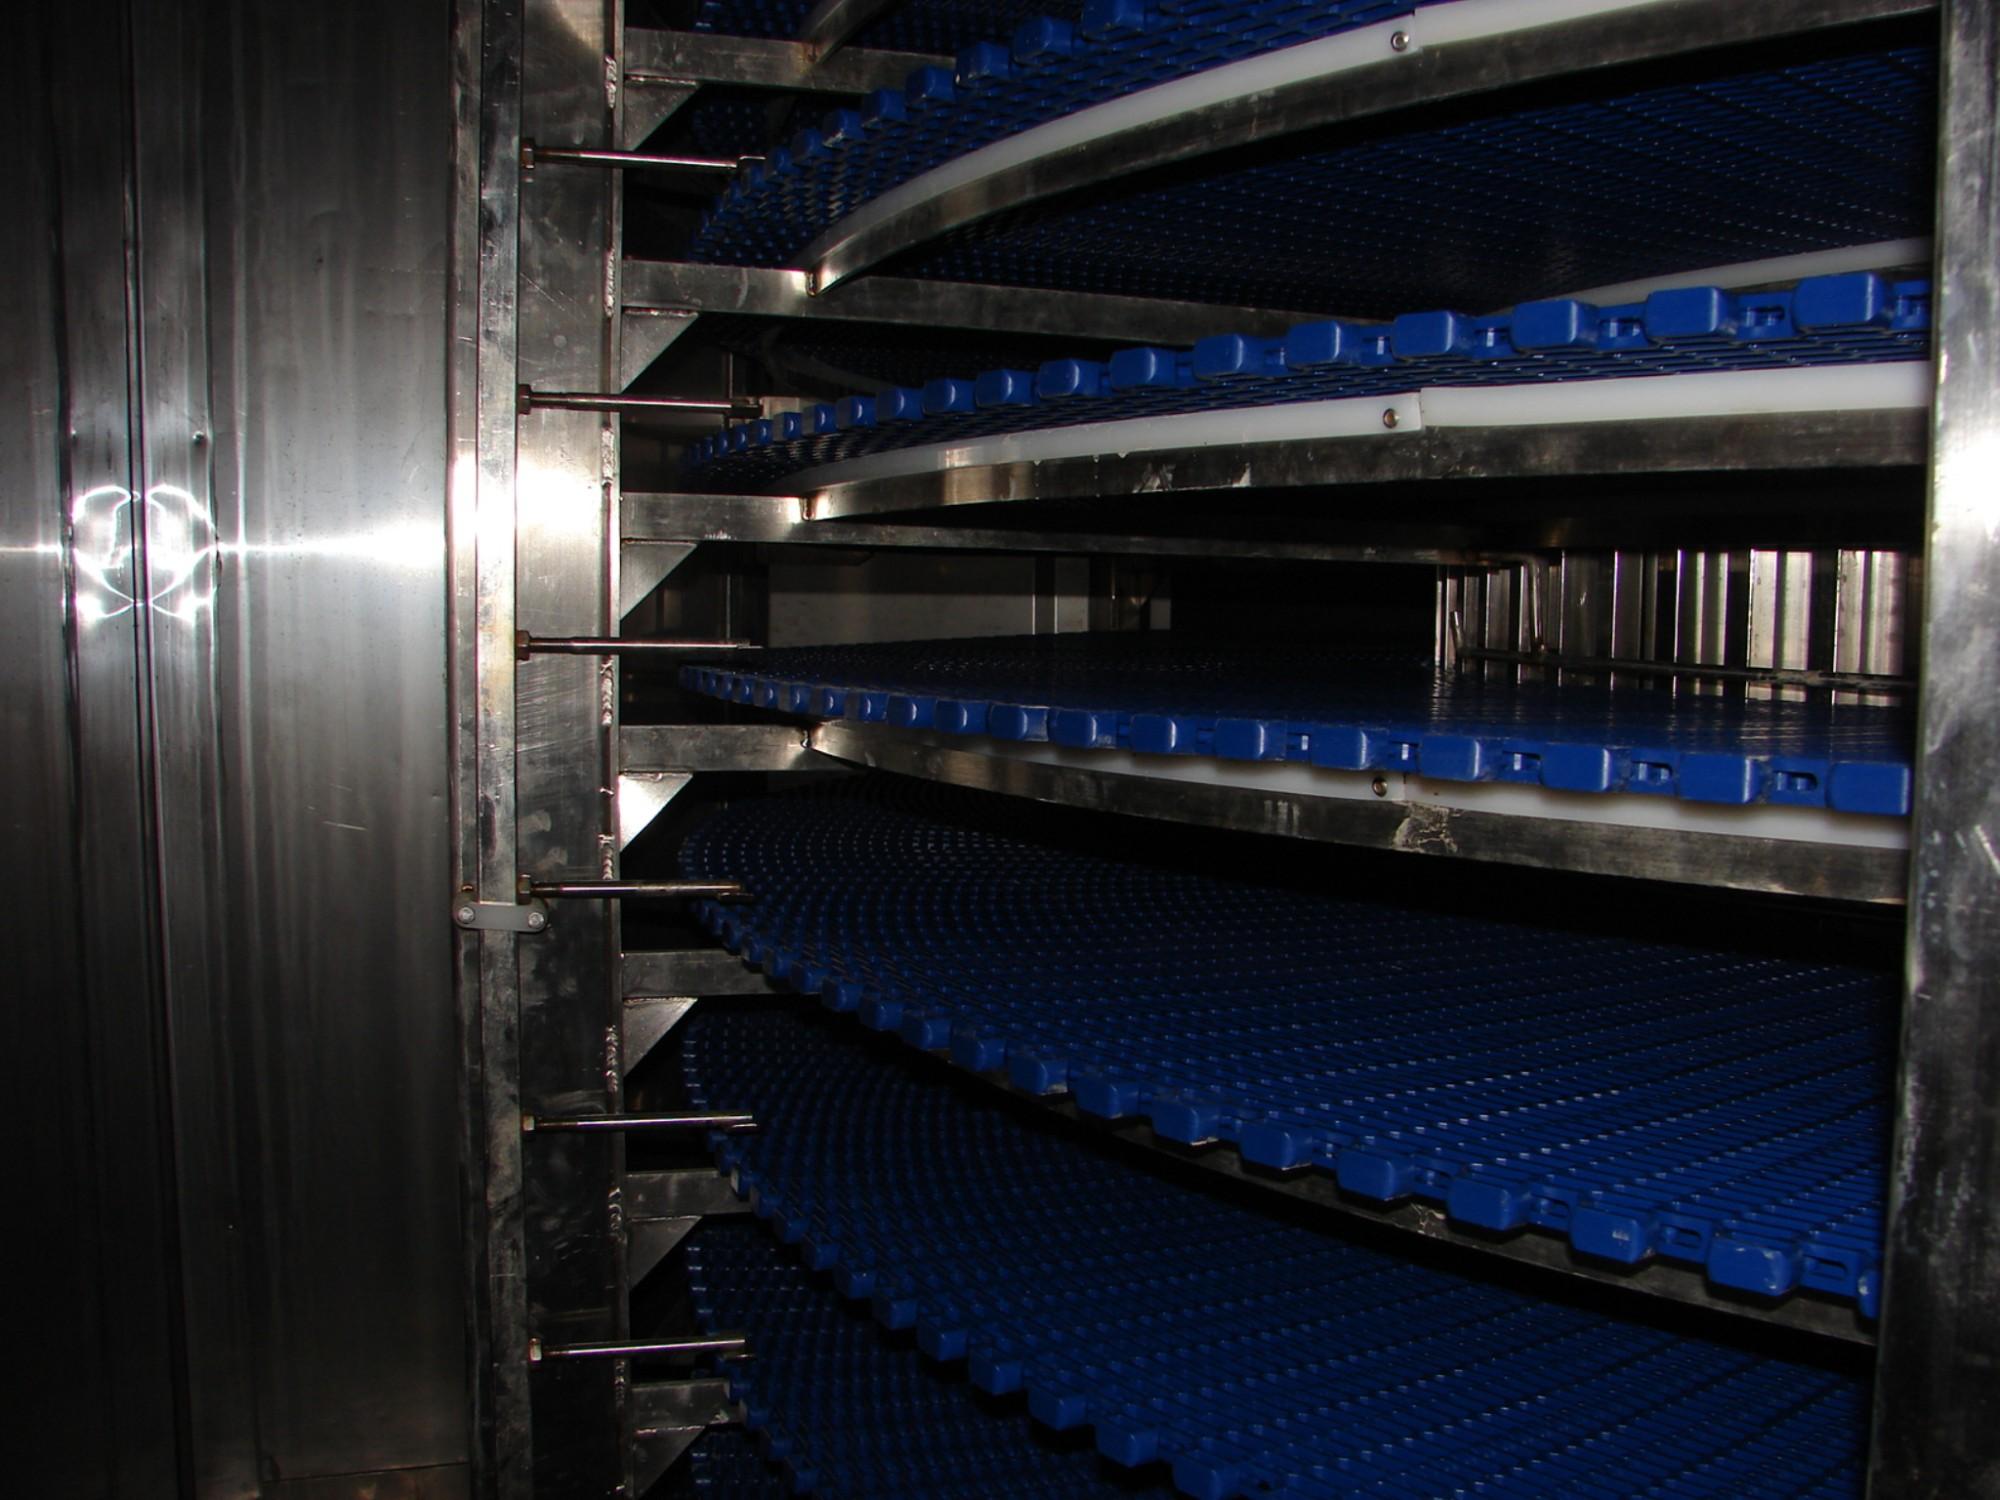 500kg/h -1500kg/h Spiral Freezer Manufacturers, 500kg/h -1500kg/h Spiral Freezer Factory, Supply 500kg/h -1500kg/h Spiral Freezer